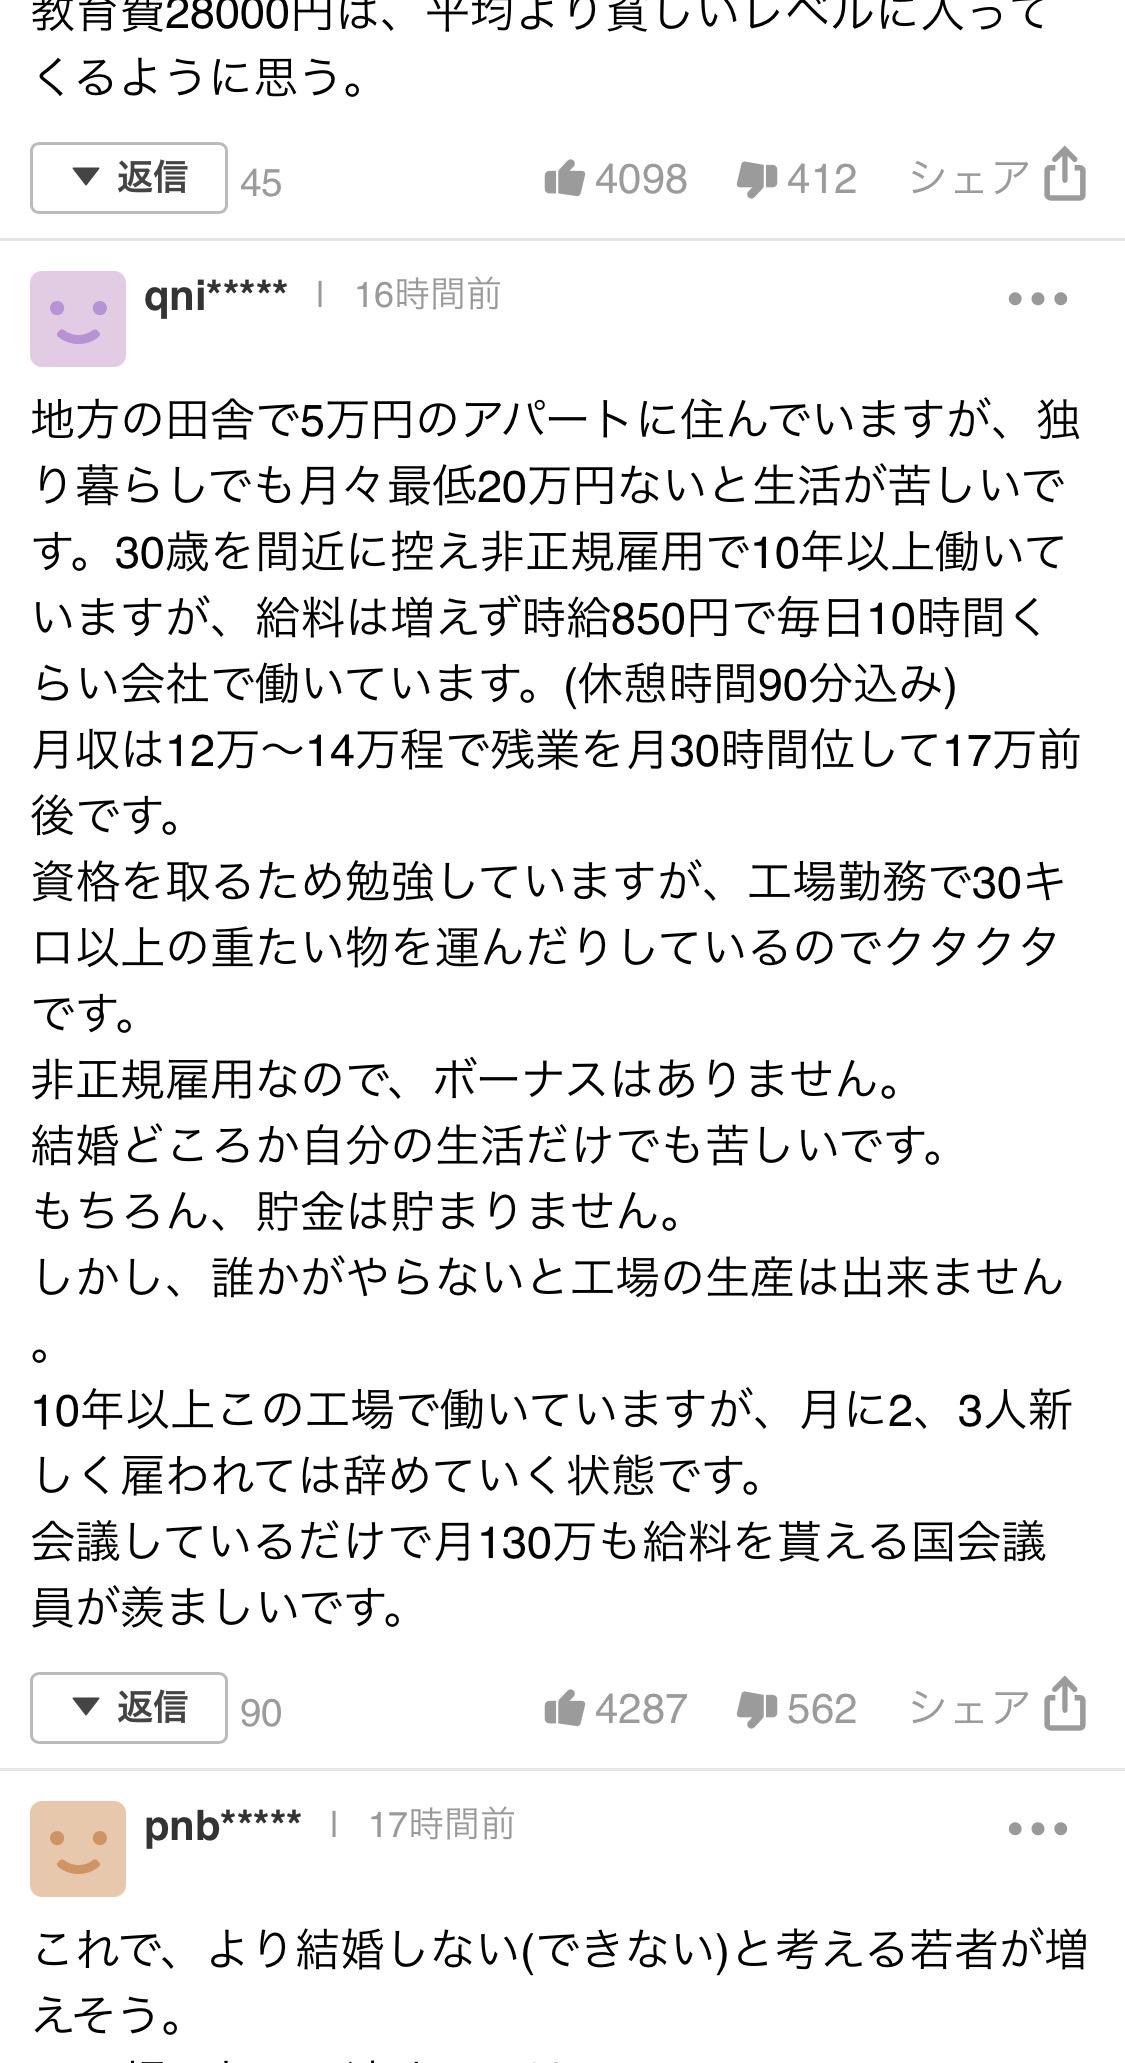 ヤフコメ民さん、派遣社員月手取り12万円の底辺生活だった